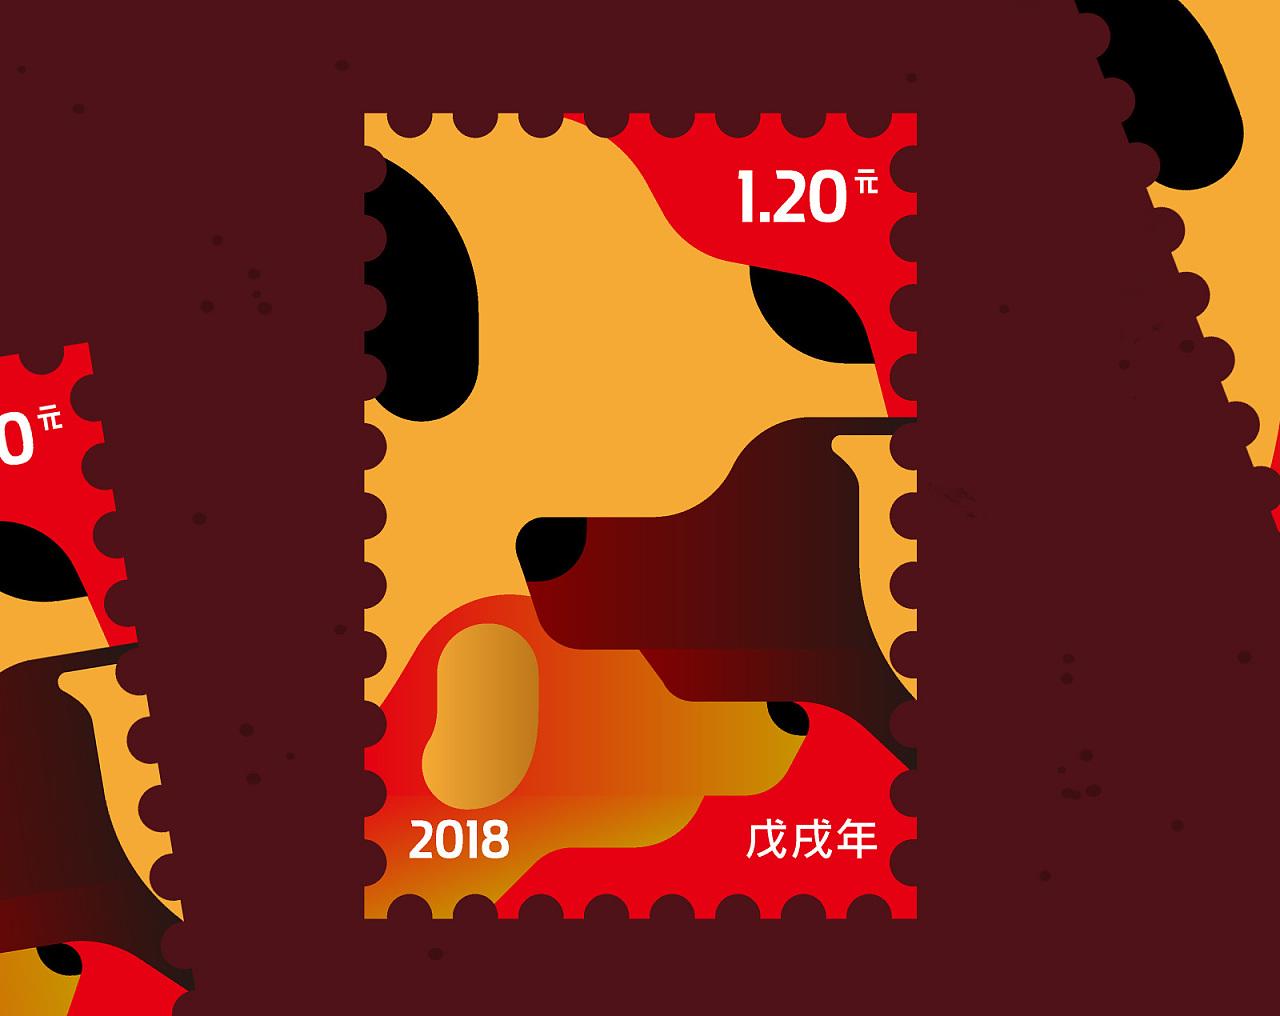 2套2018狗年设计,邮票设计 手绘福袋